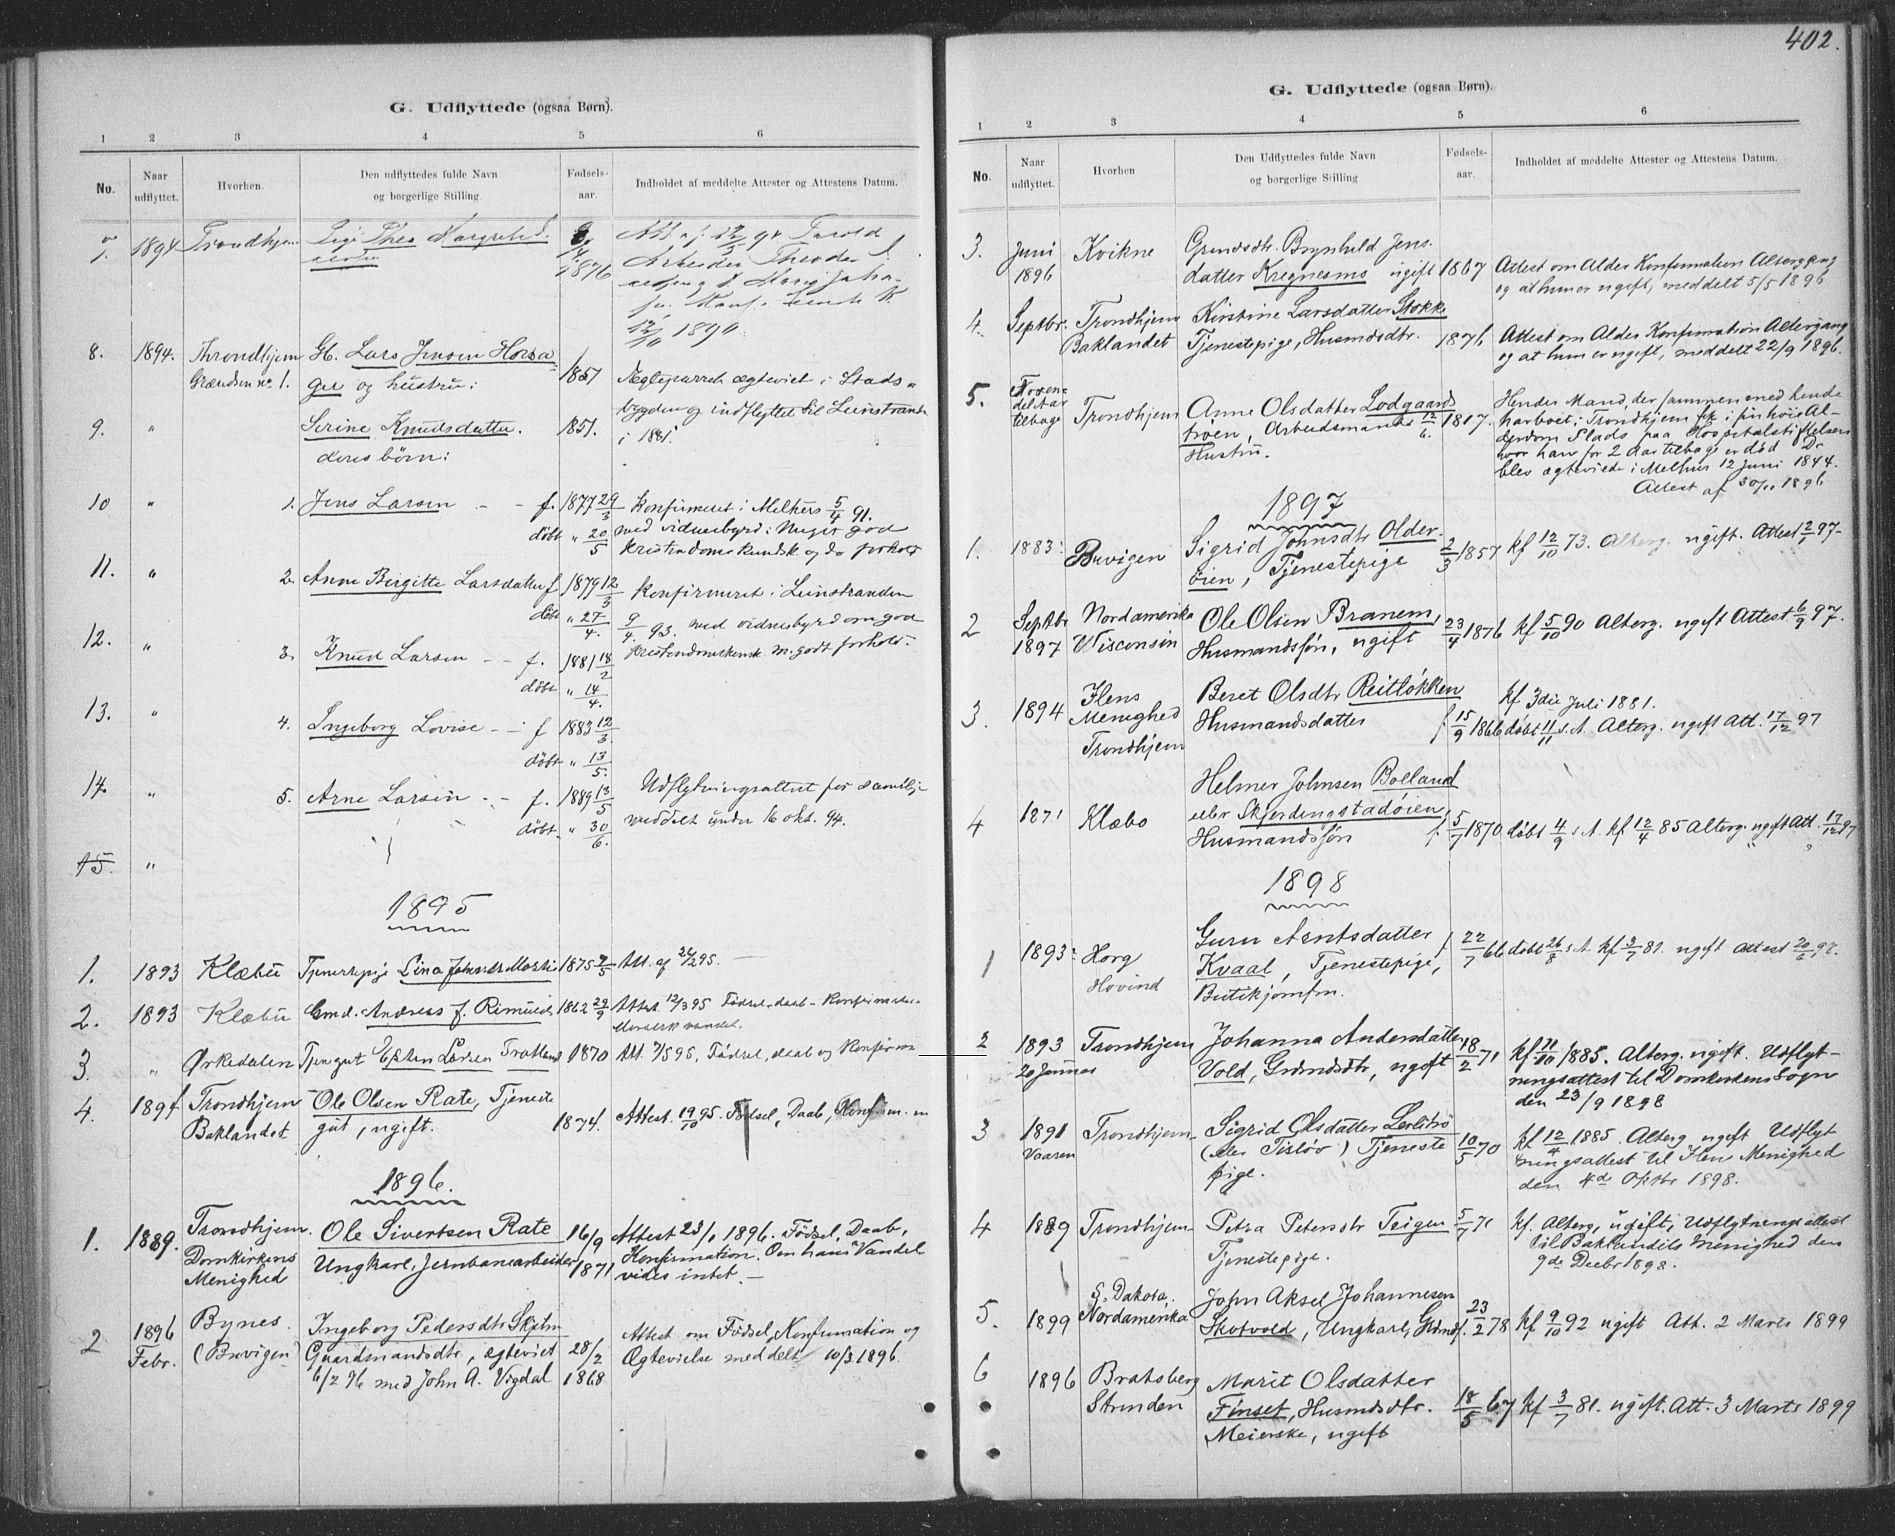 SAT, Ministerialprotokoller, klokkerbøker og fødselsregistre - Sør-Trøndelag, 691/L1085: Ministerialbok nr. 691A17, 1887-1908, s. 402